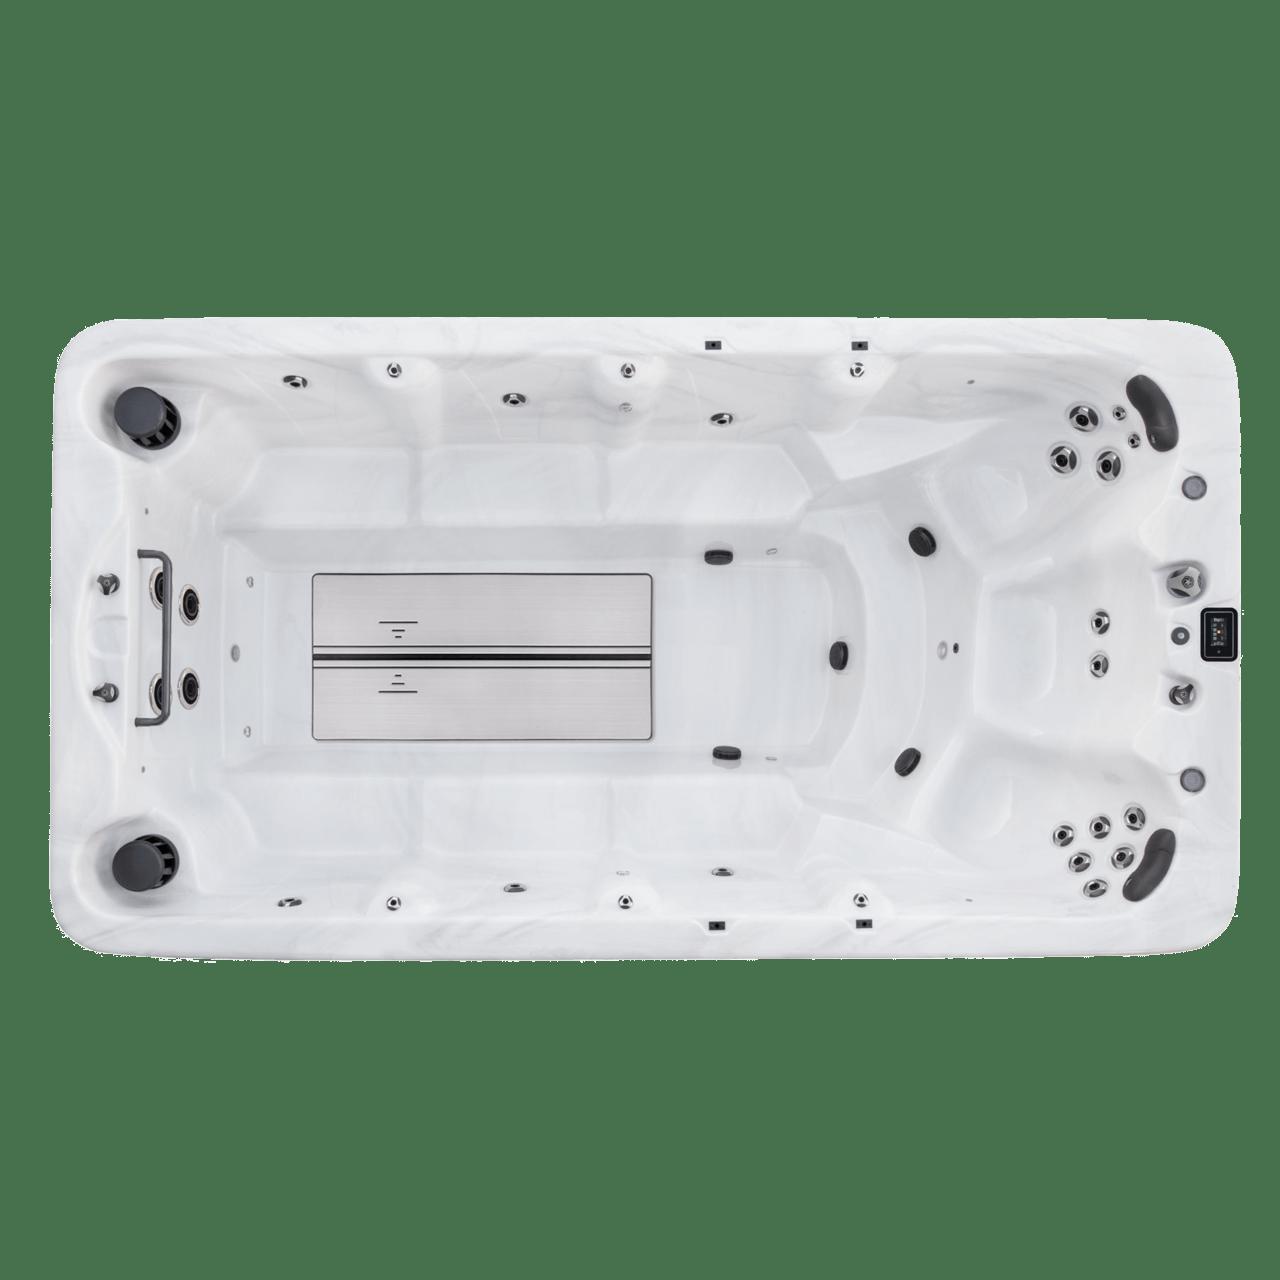 PowerPool RB4 Swim Spa & Hot Tub